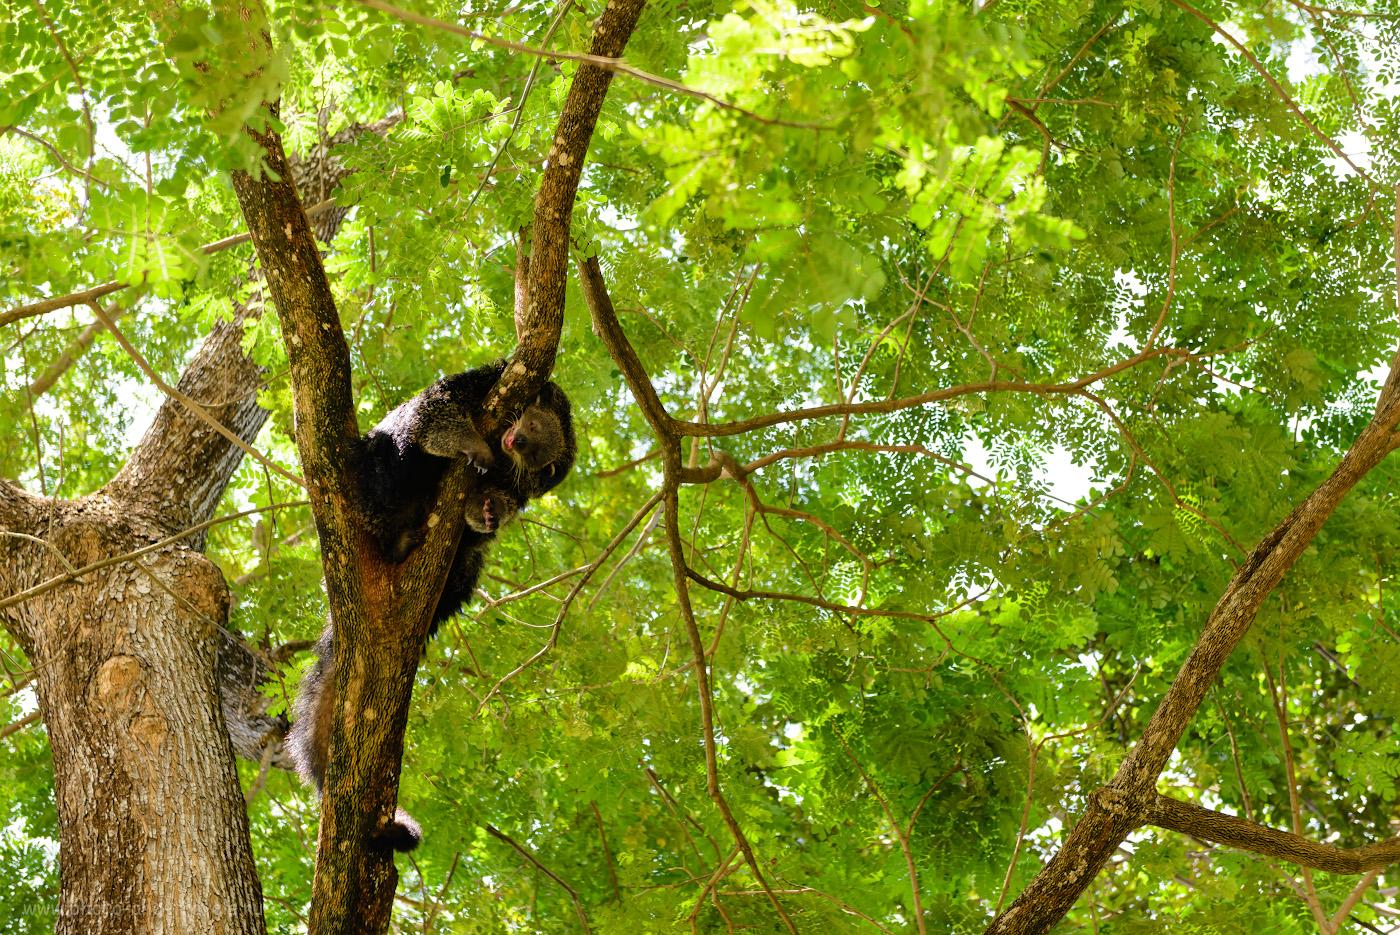 Фотография 5. Спящий бинтуронг в зоопарке «Кхао Кхео» в окрестностях Паттайи. Отзывы туристов о самостоятельном посещении. 1/500, +0.33, 3.5, 720, 62.